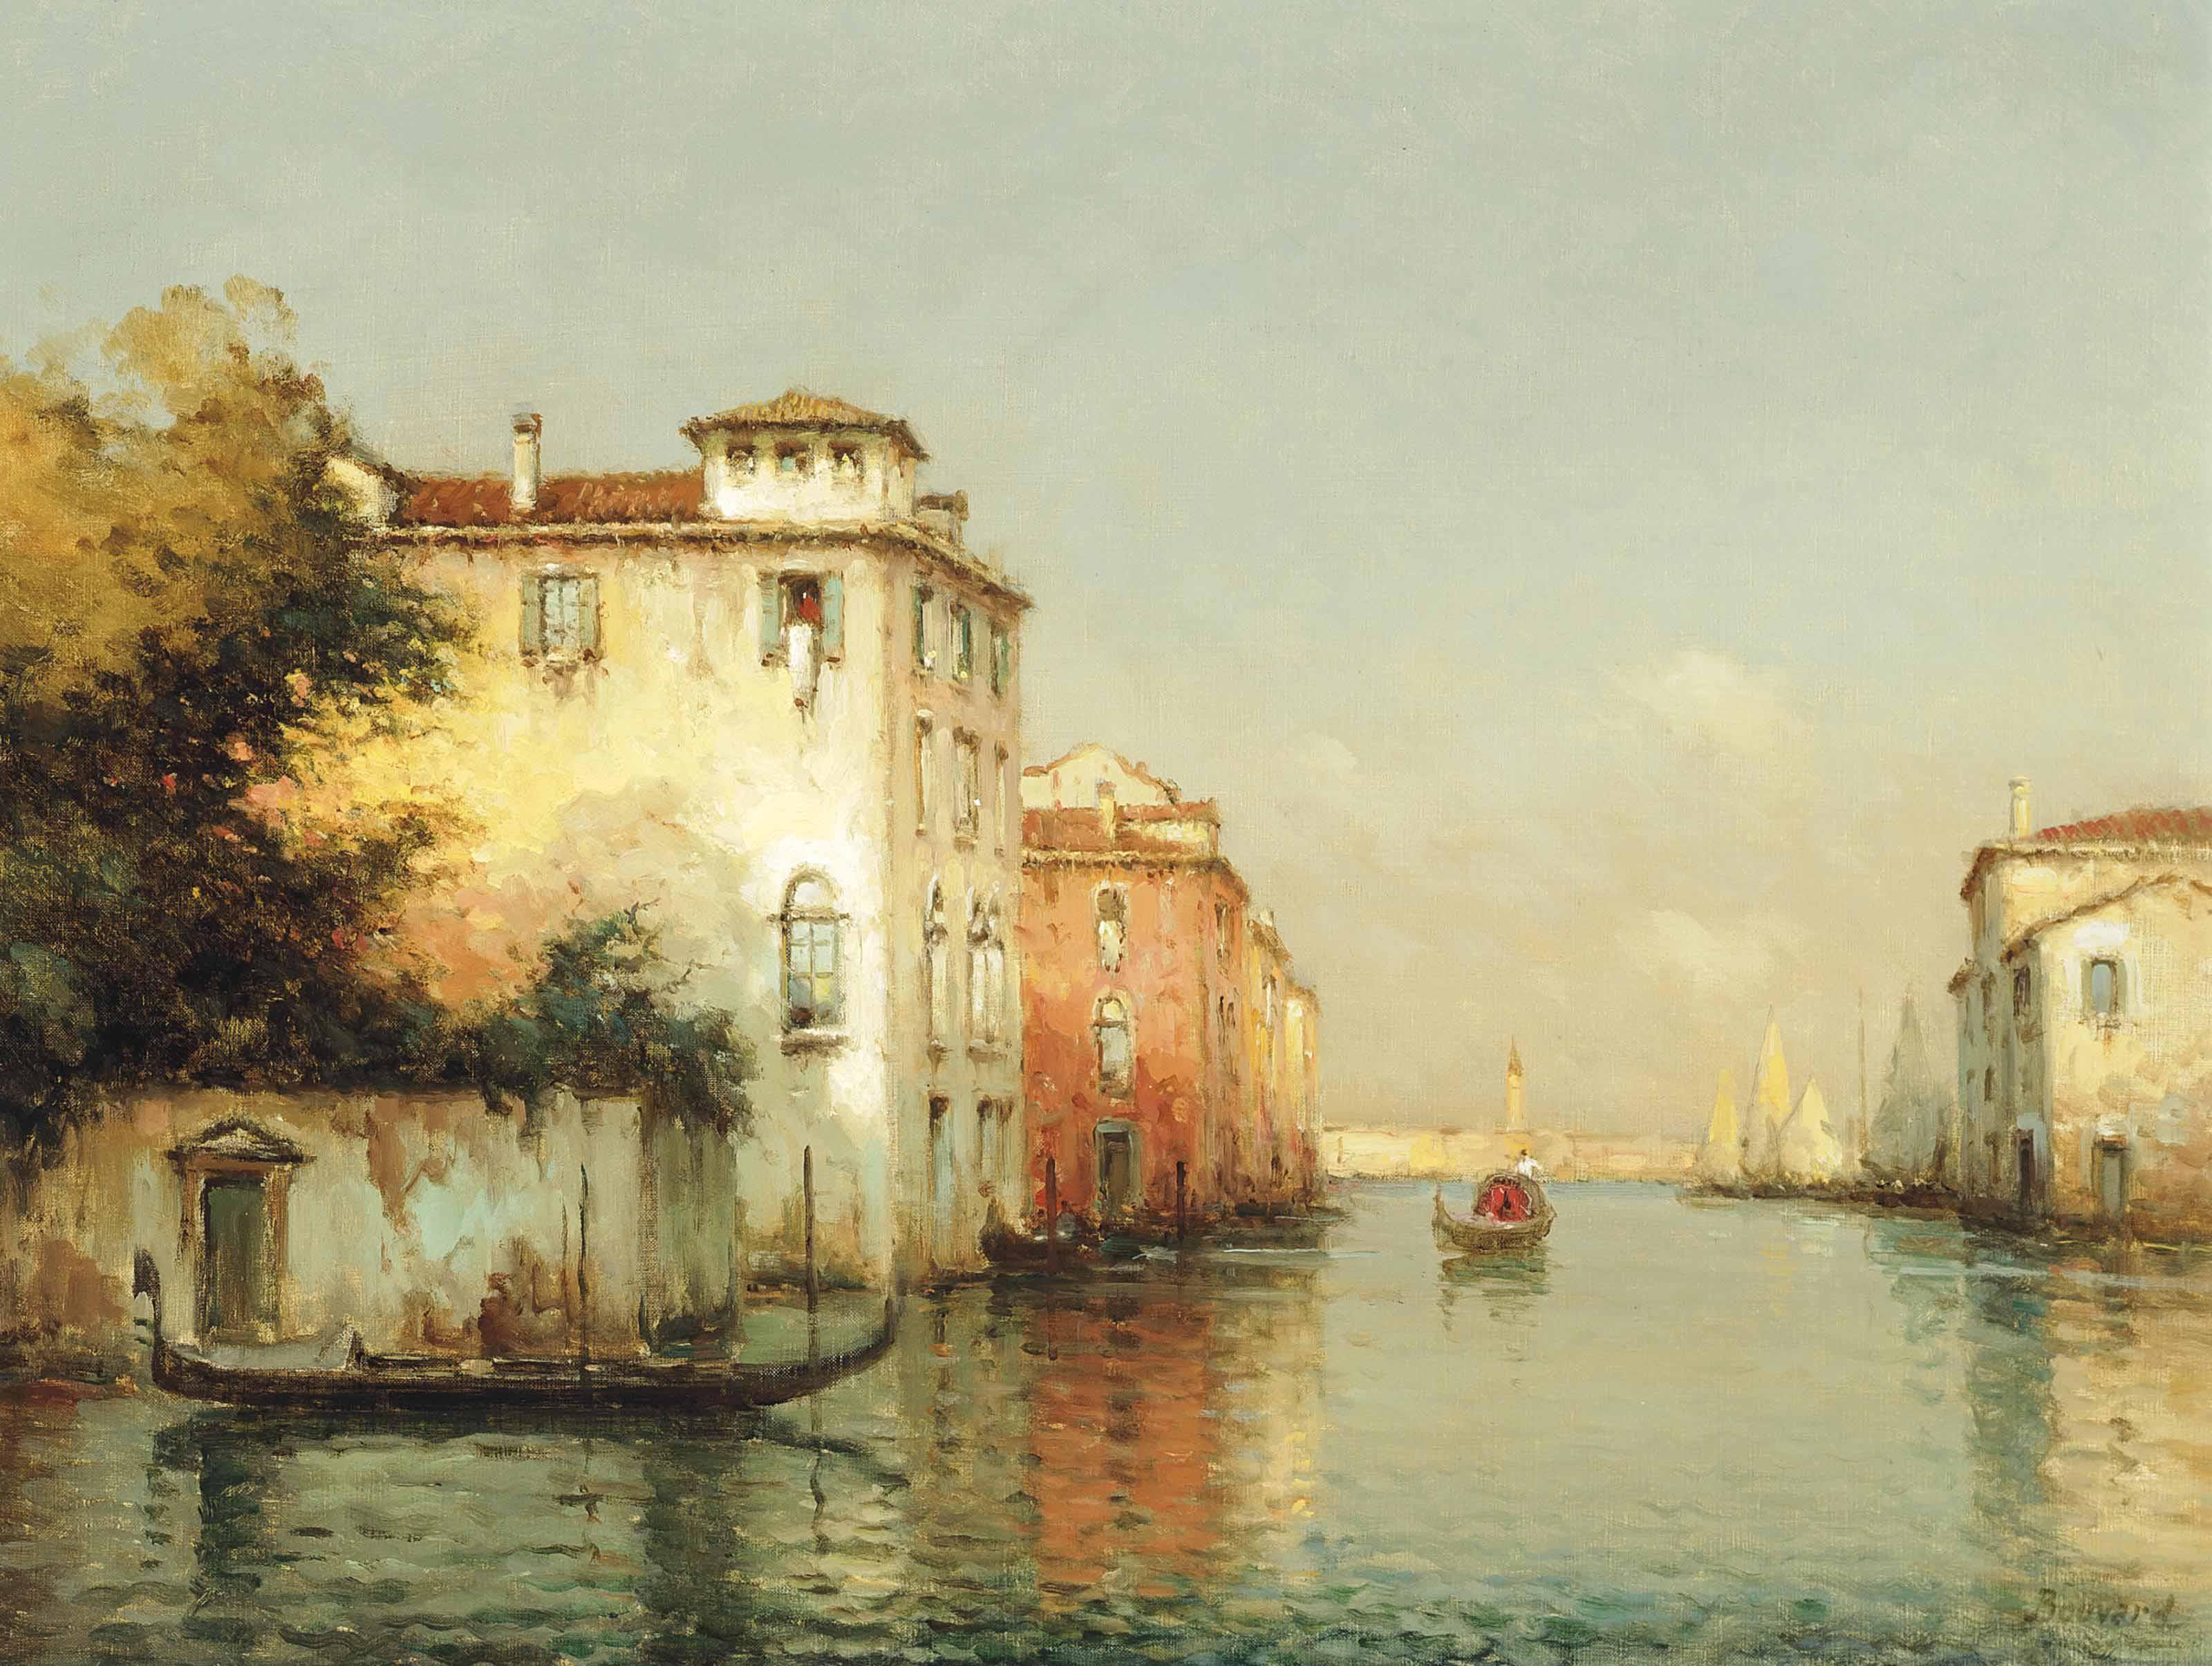 A gondolier on a Giudecca Canal, Venice